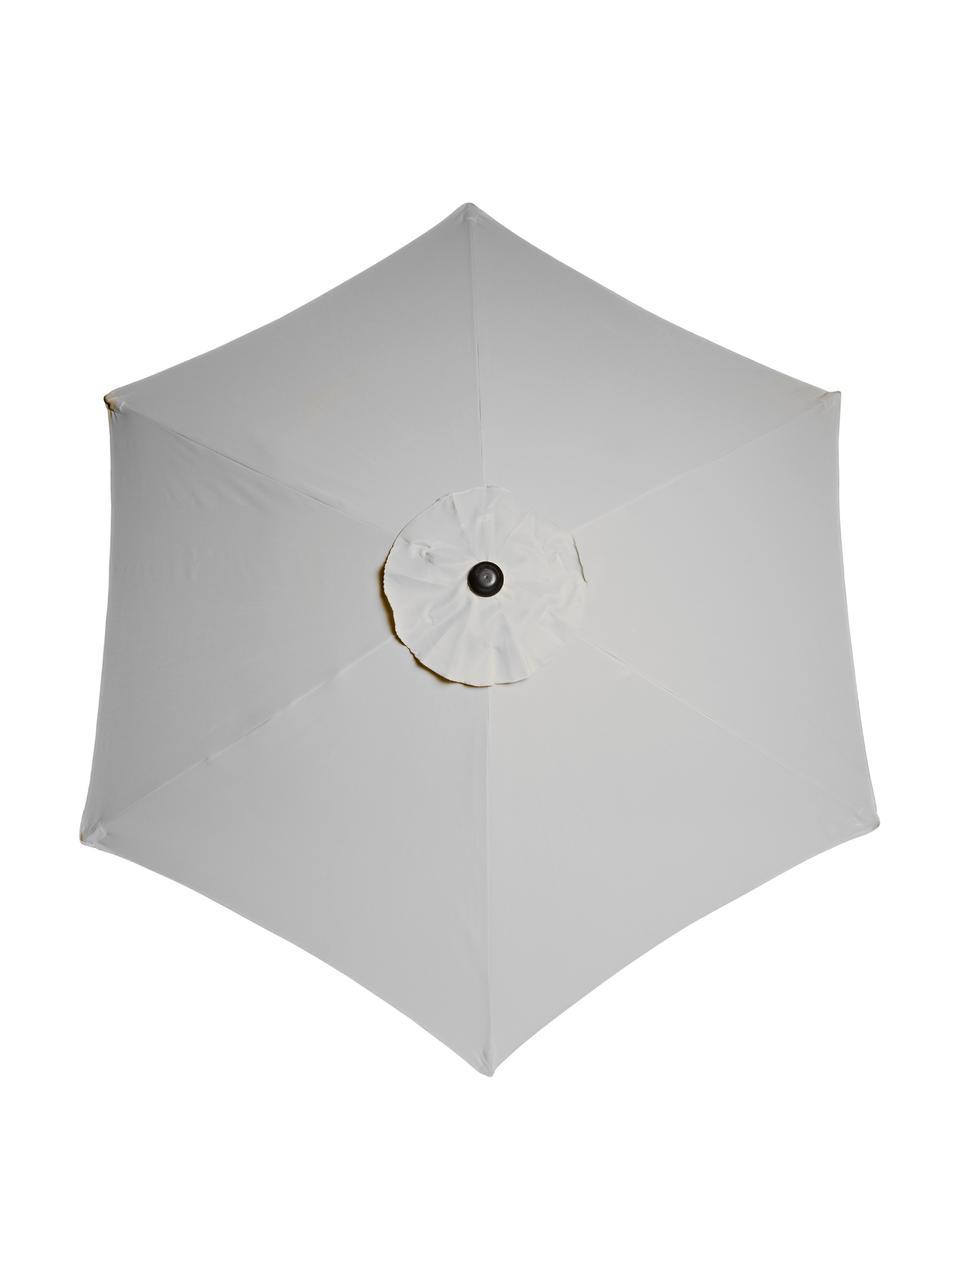 Sonnenschirm Siesta, Gestell: Metall, beschichtet, Hellgrau, Ø 180 cm